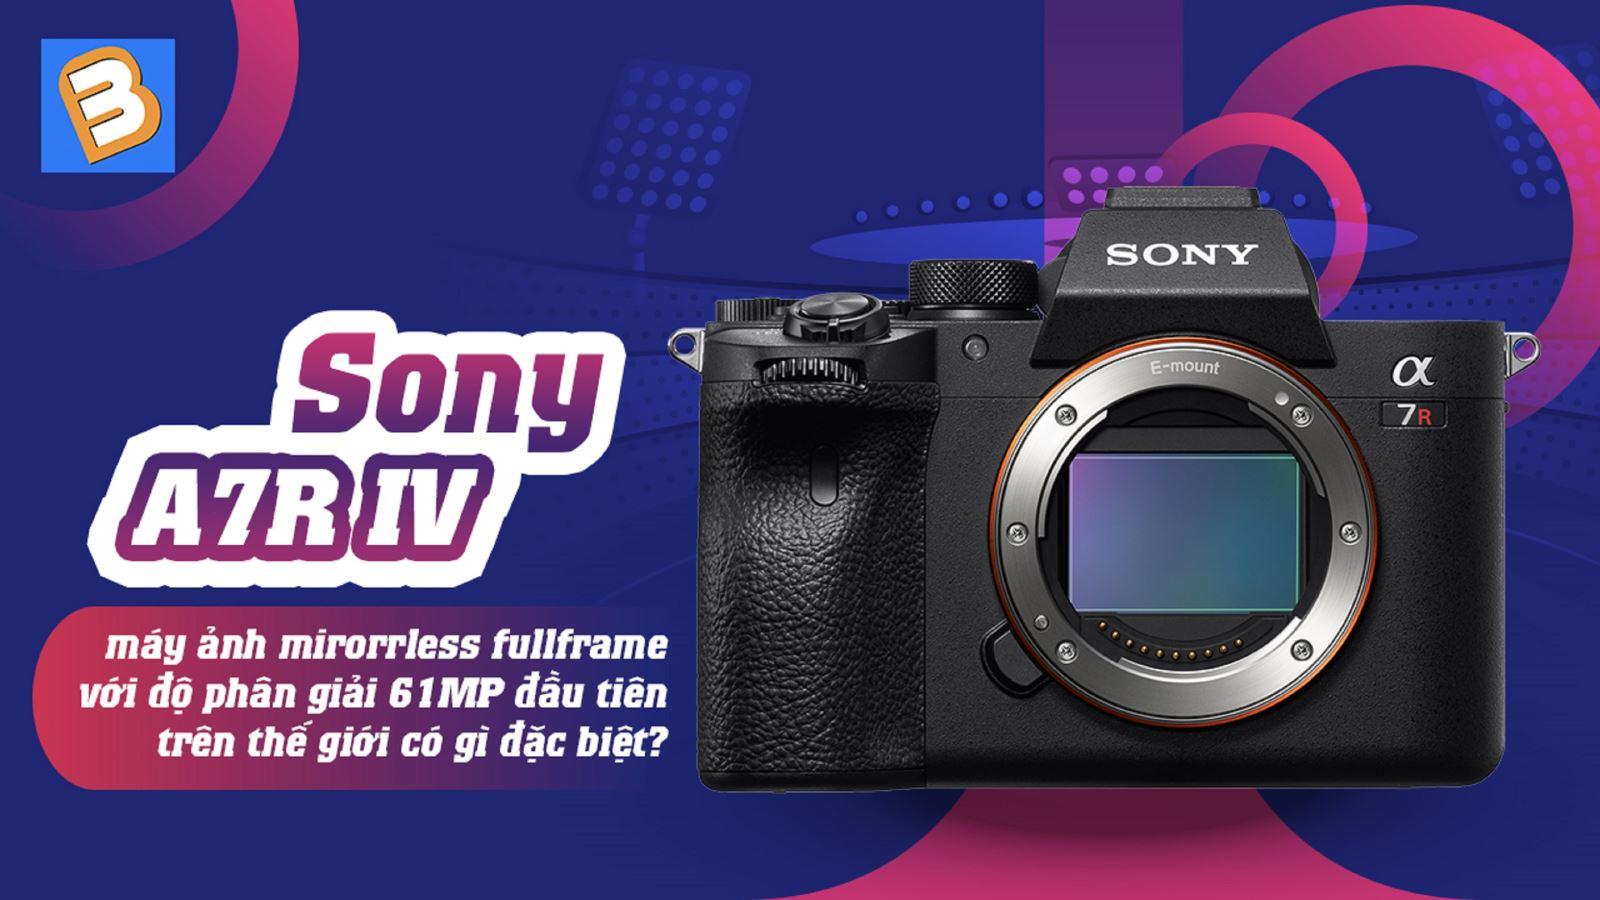 Sony A7R IV - máy ảnh mirorrless fullframe với độ phân giải 61MP đầu tiên trên thế giới có gì đặc biệt?